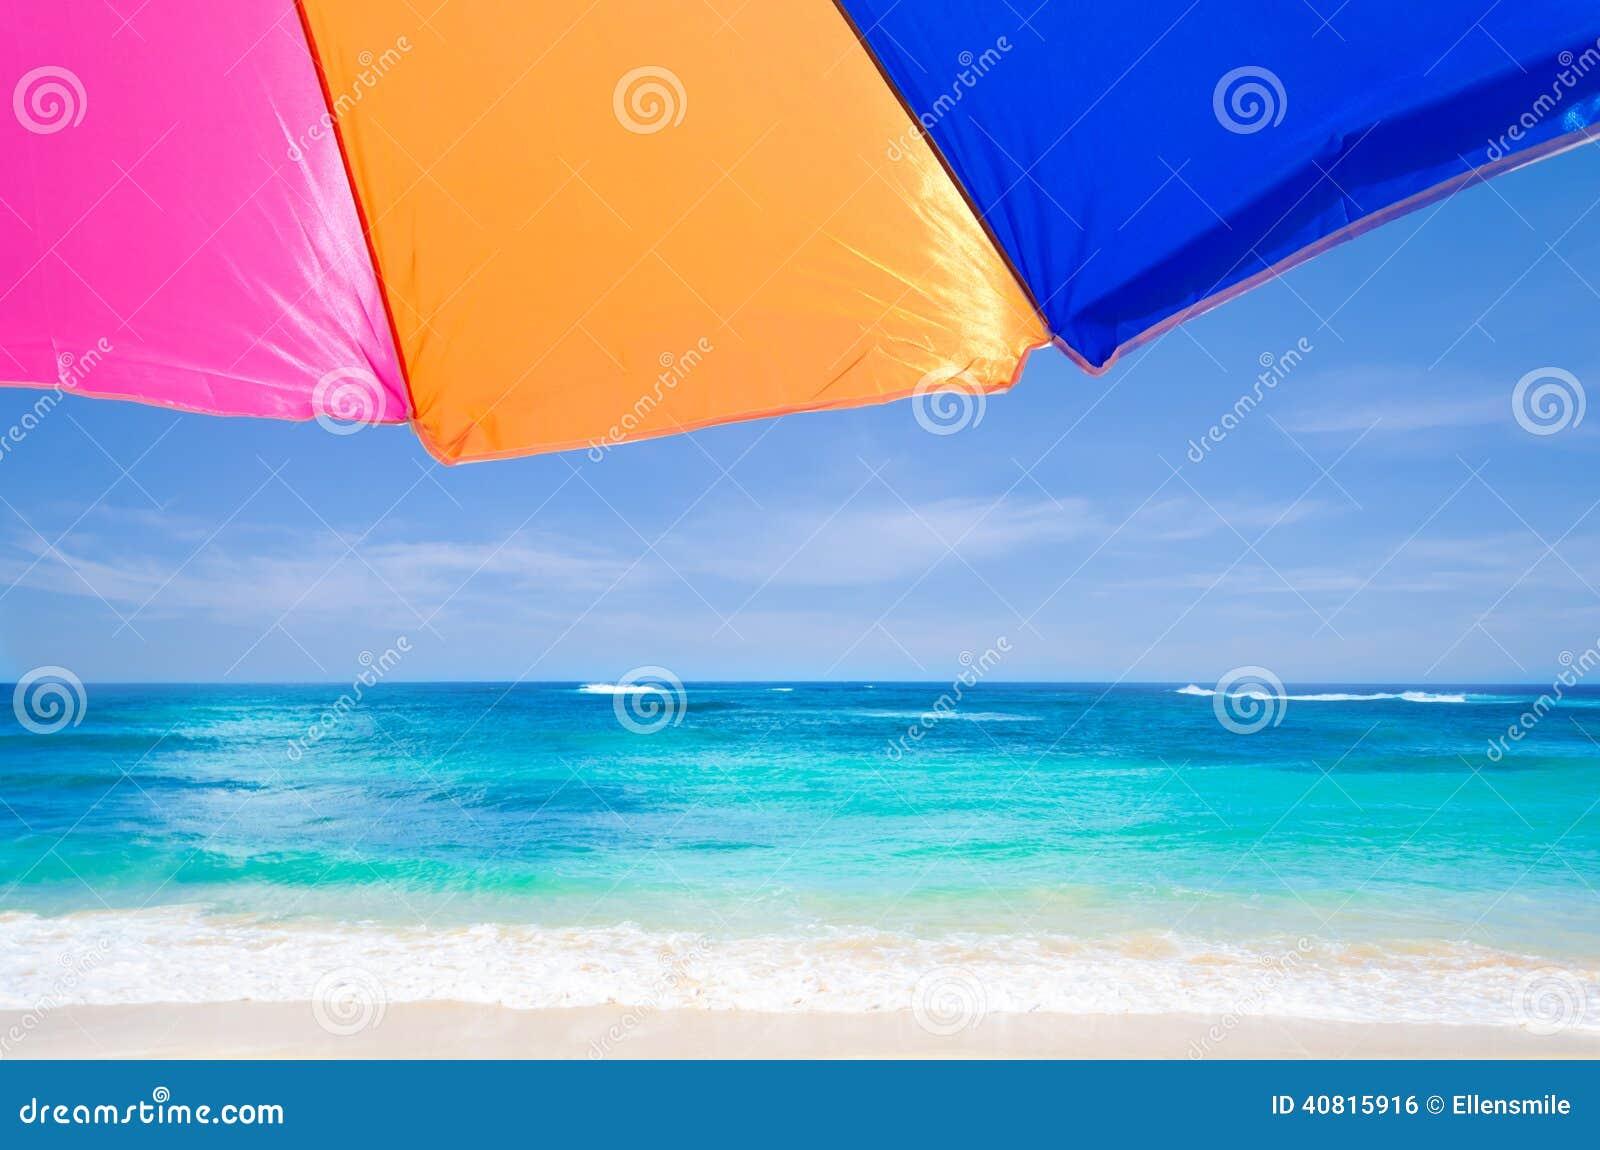 反对蓝天和海洋的沙滩伞的背景.图片